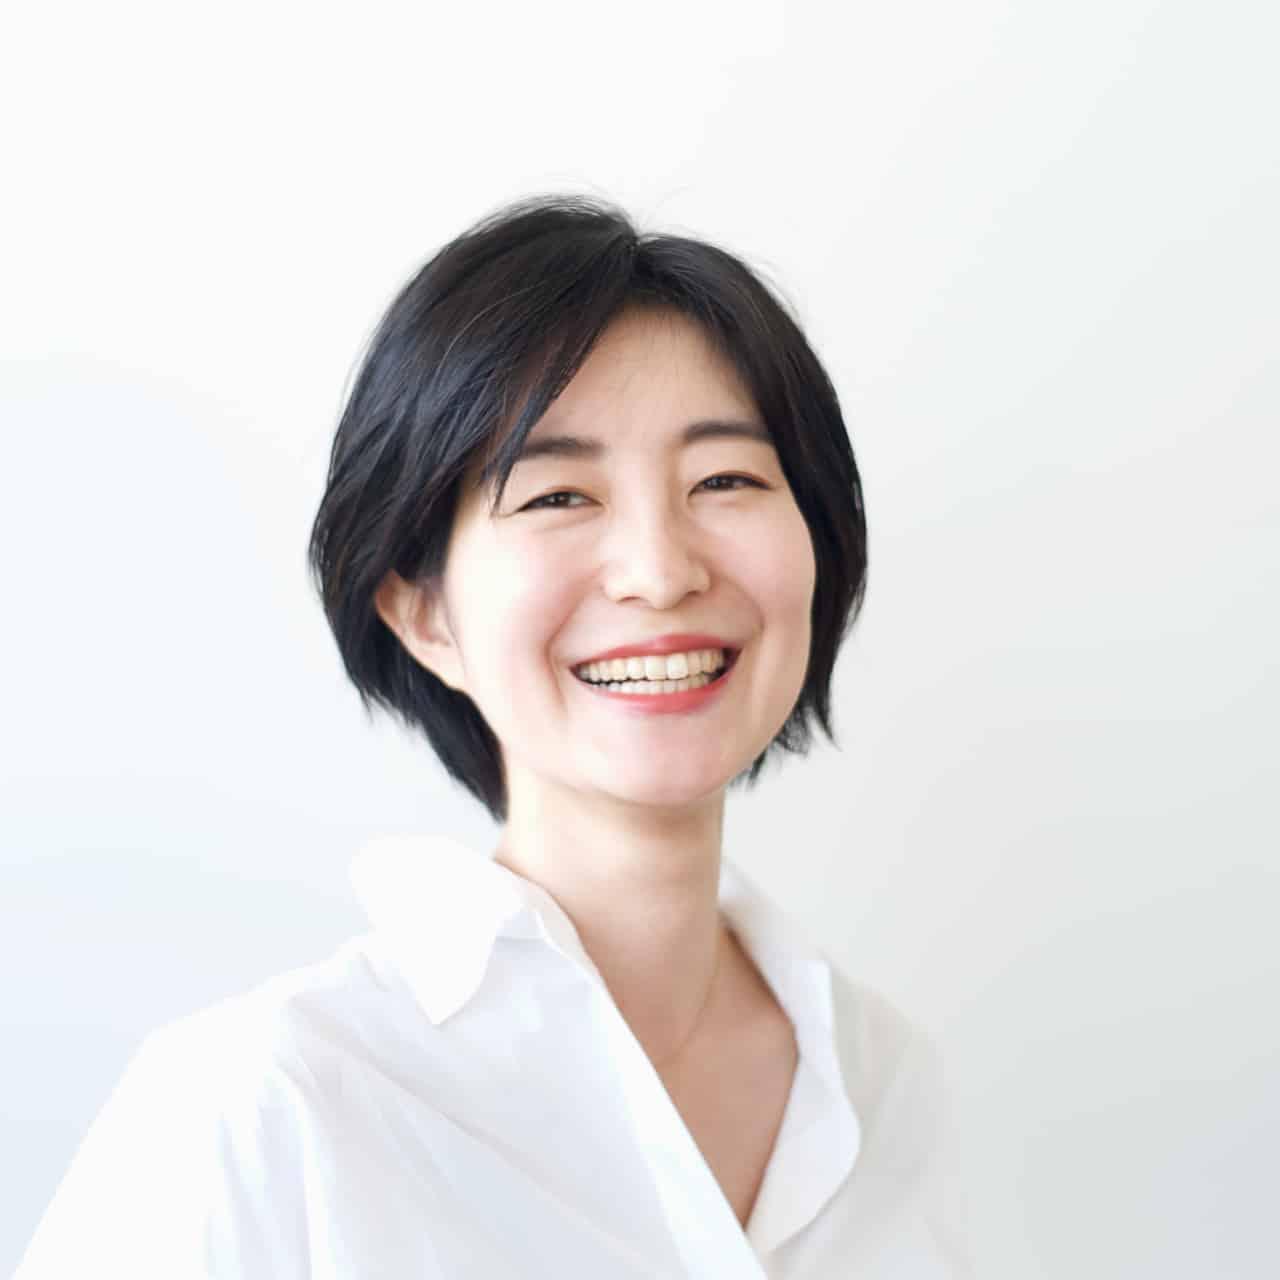 Haruna-Tanaka